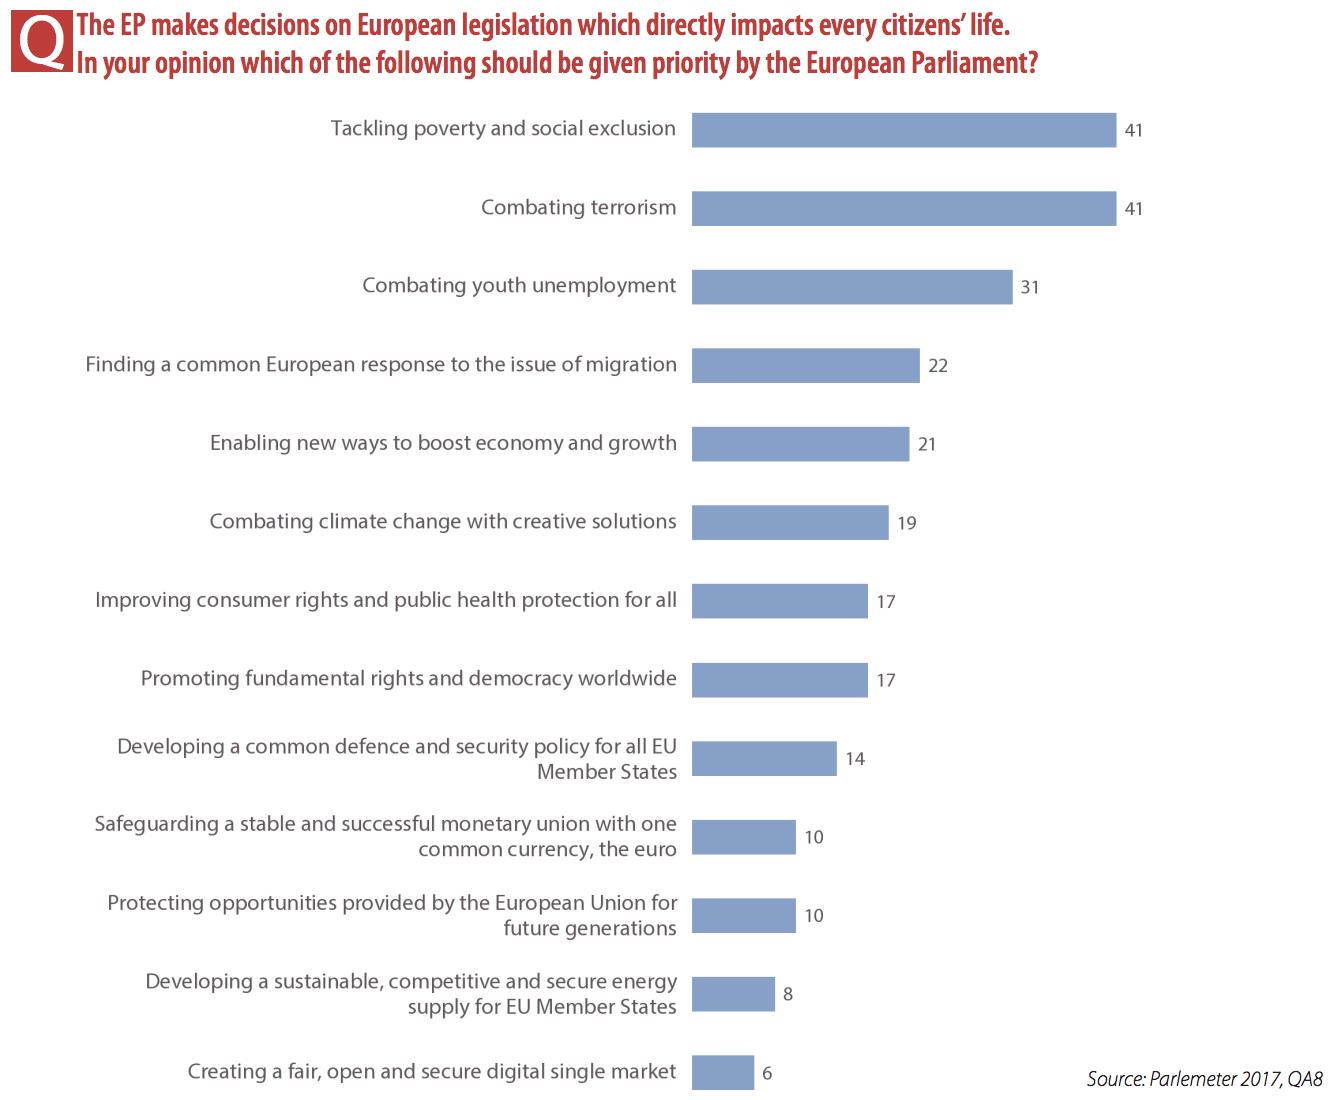 parlementre_2017_priorites